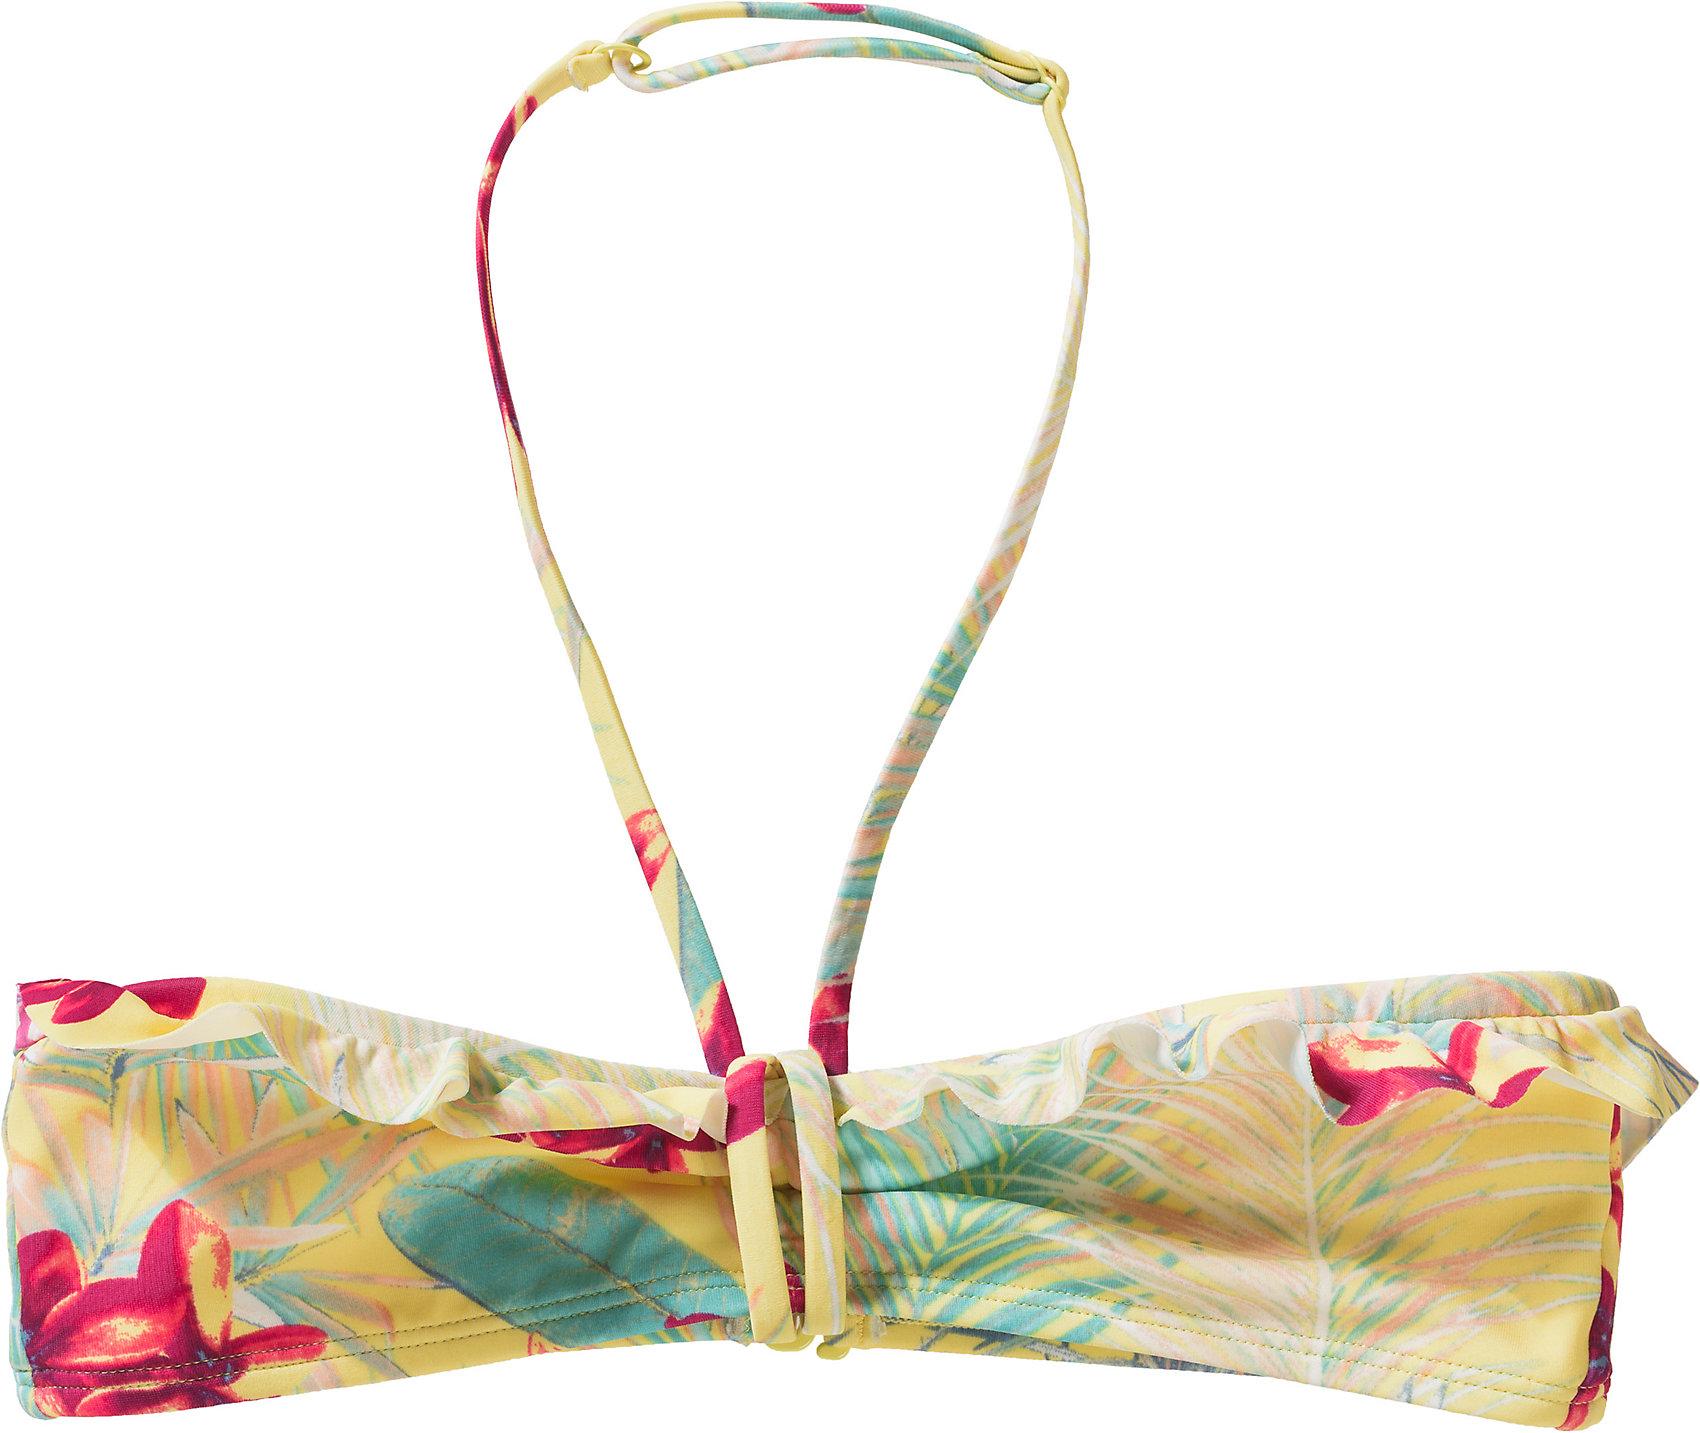 Neu ROXY Kinder Bikini MEMORY 7461001 für Mädchen gelb | eBay